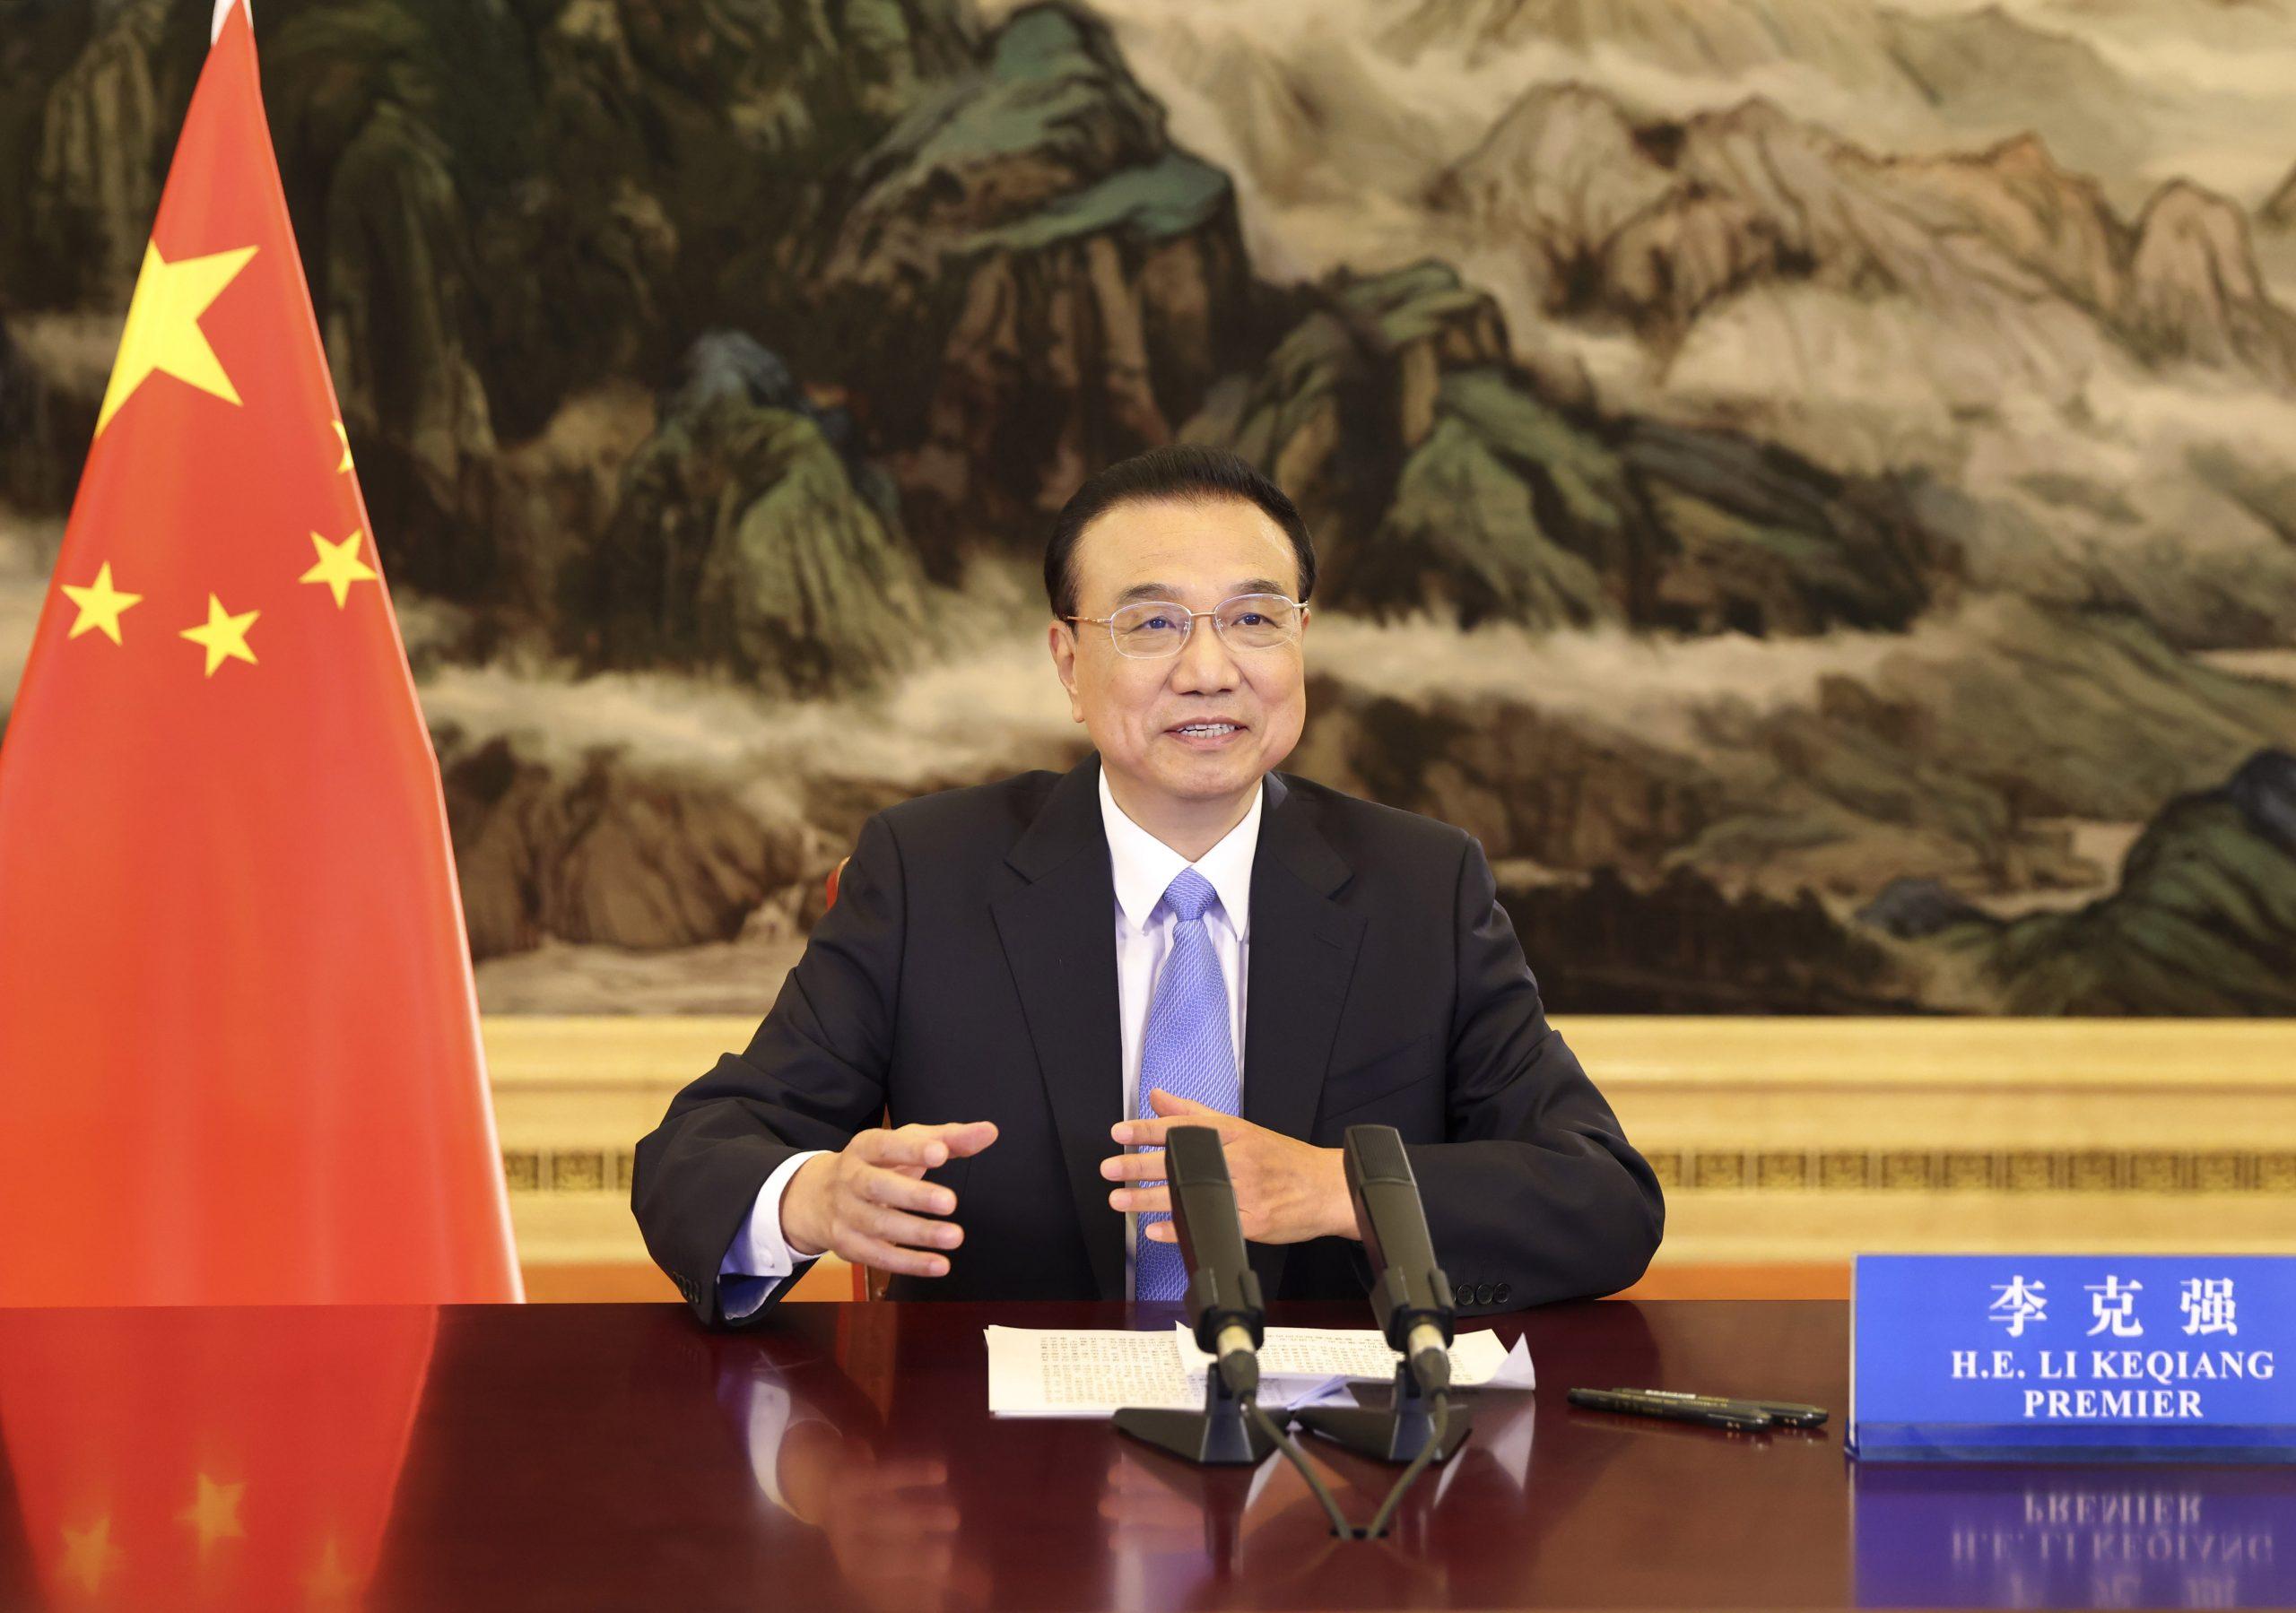 Primer ministro chino asistirá a 19ª reunión del Consejo de Jefes de Gobierno de Estados Miembros de OCS